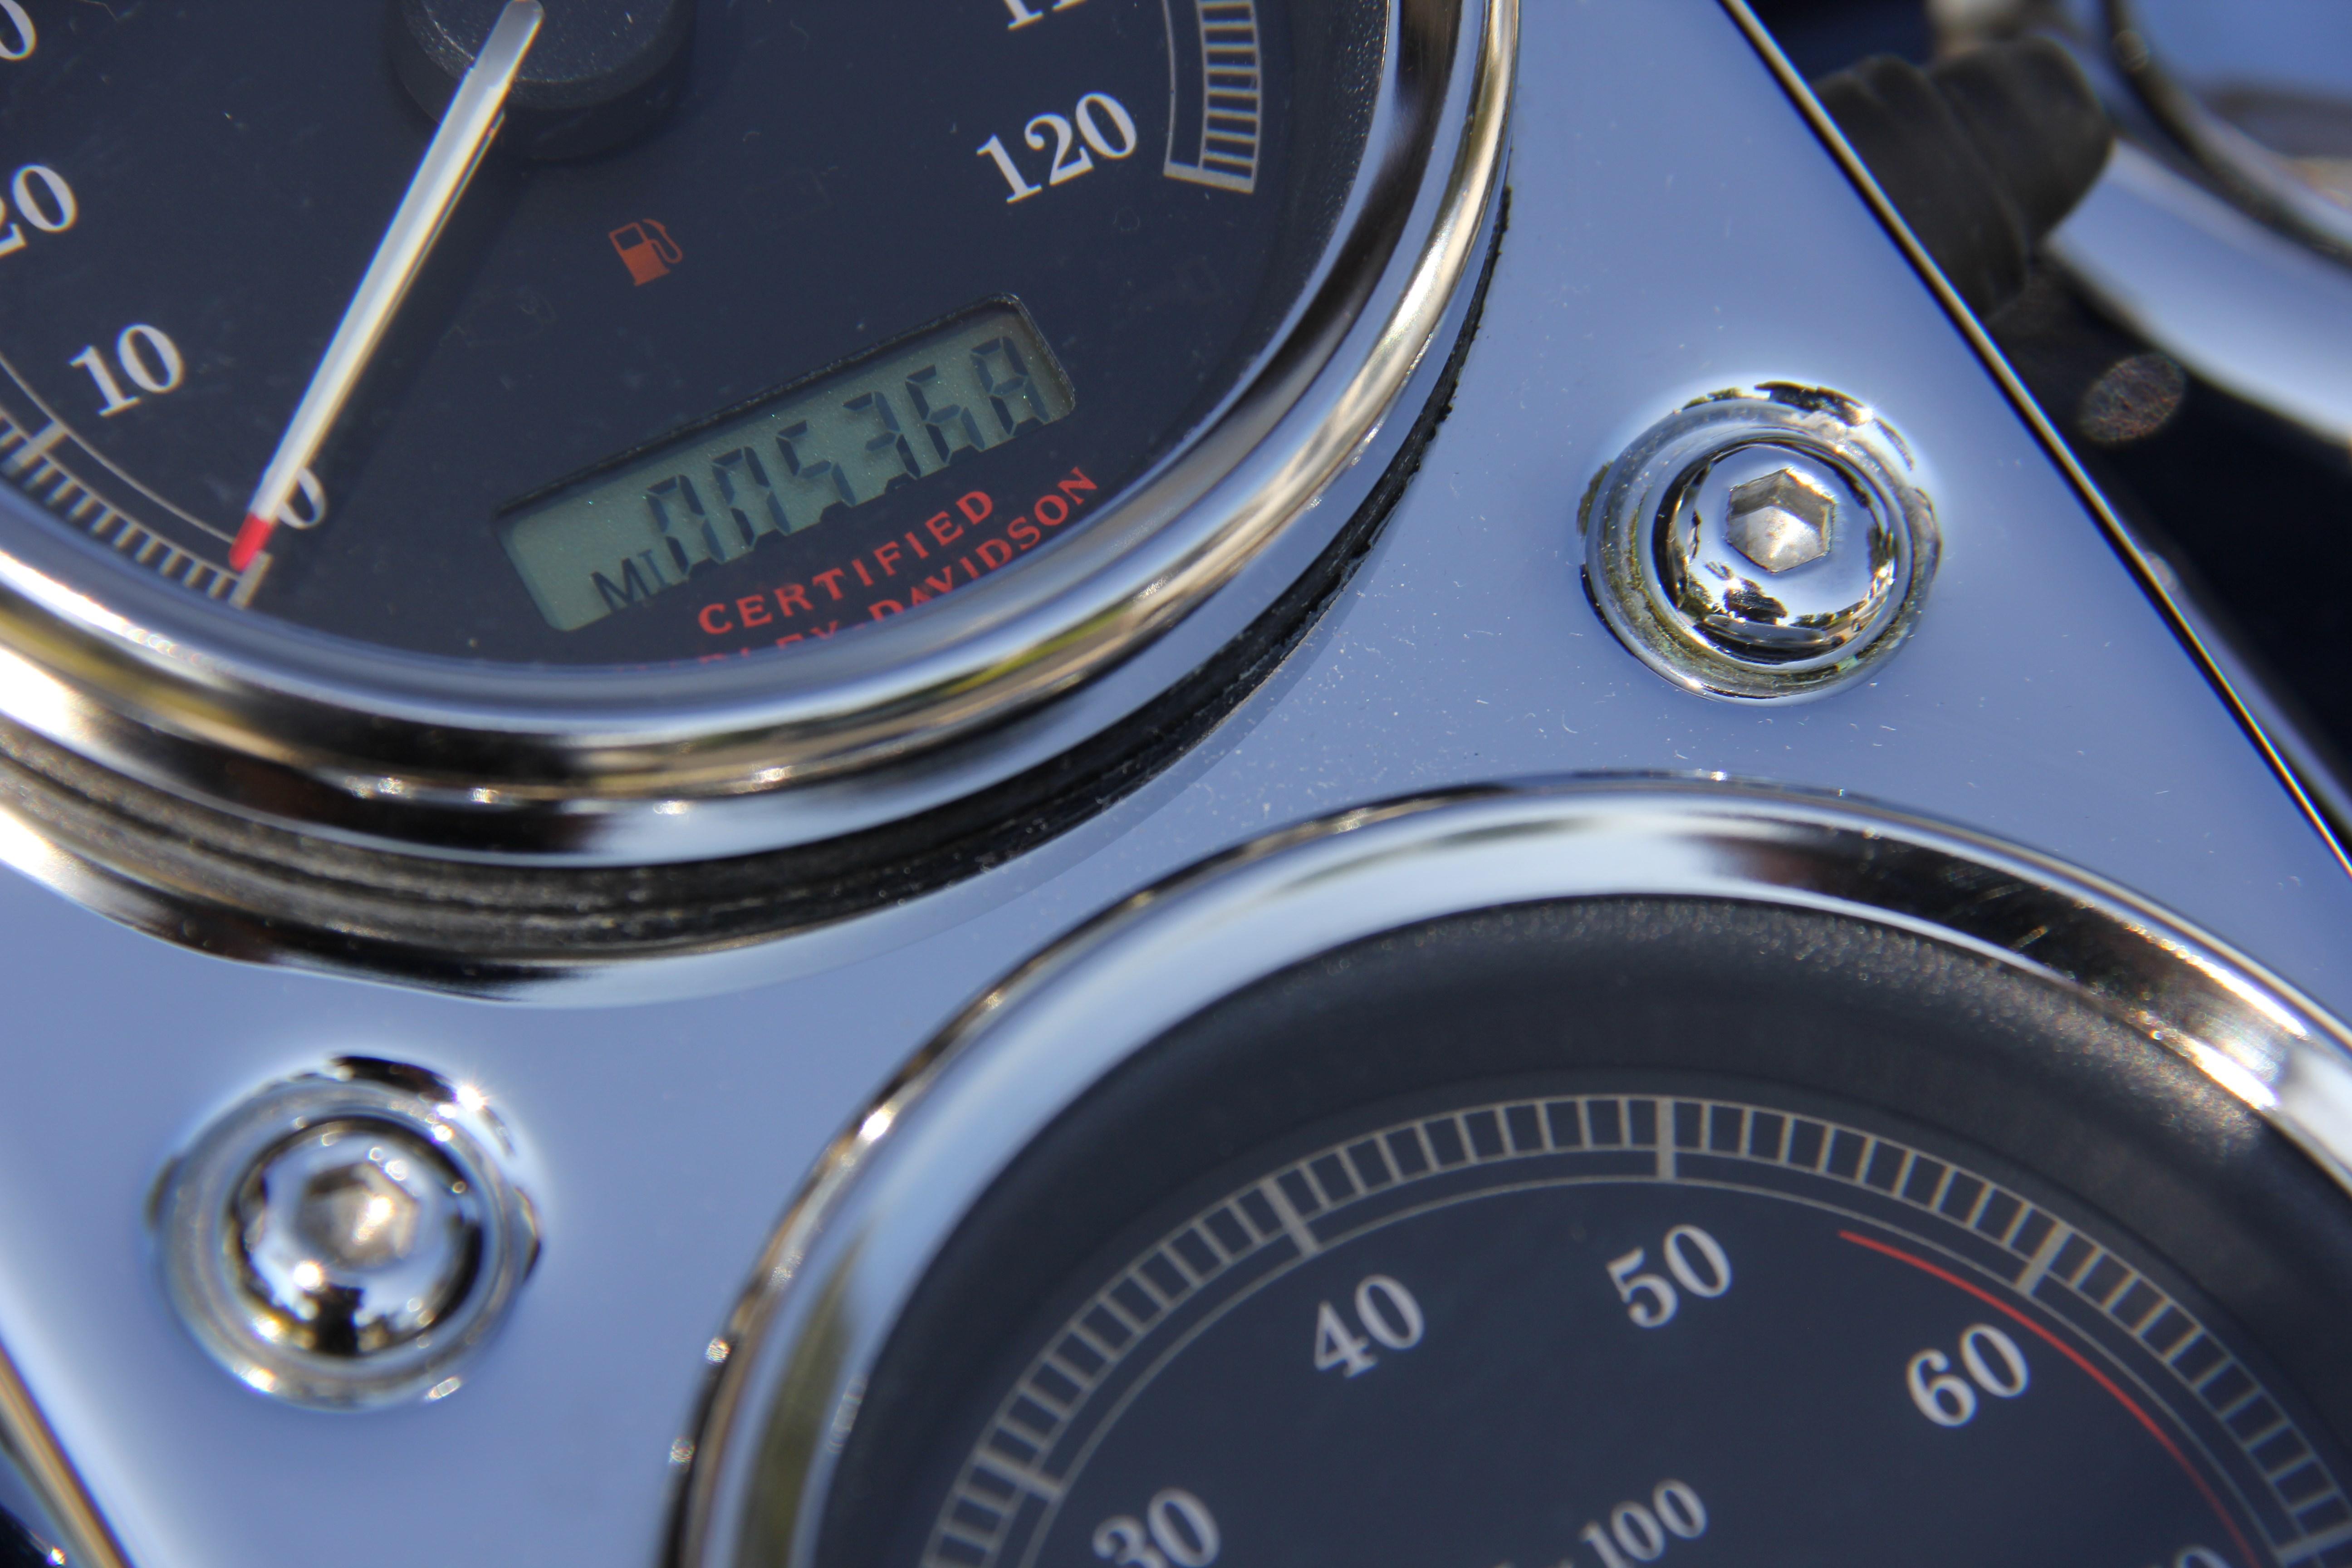 2004 Harley I Dyna Low Rider U00ae  Factory